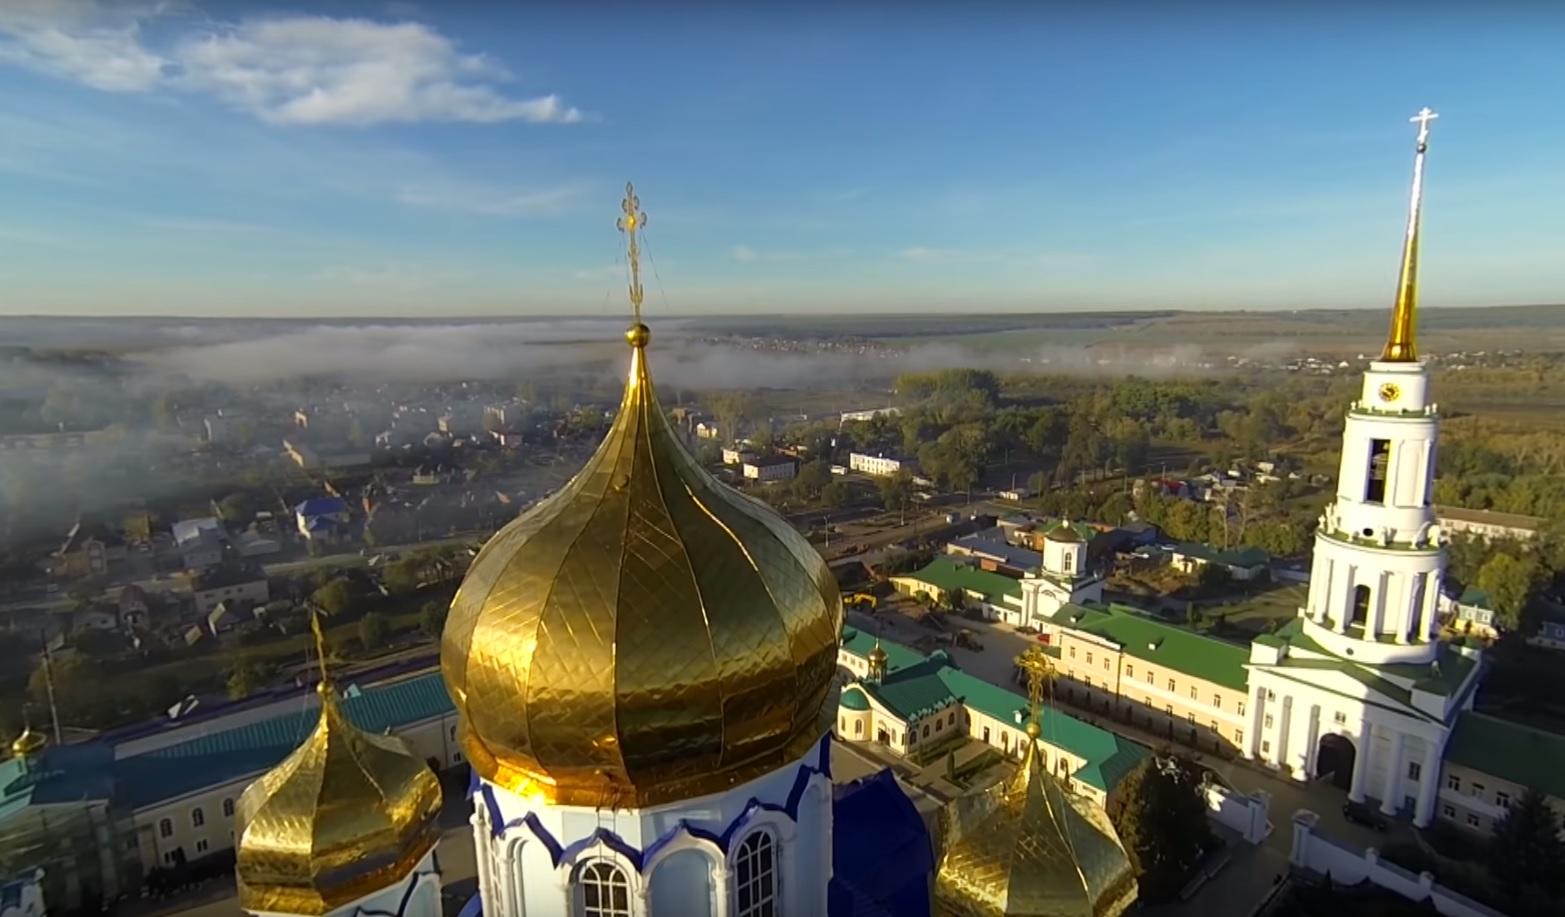 Видеоролик о событийных возможностях Липецкой области признан лучшим